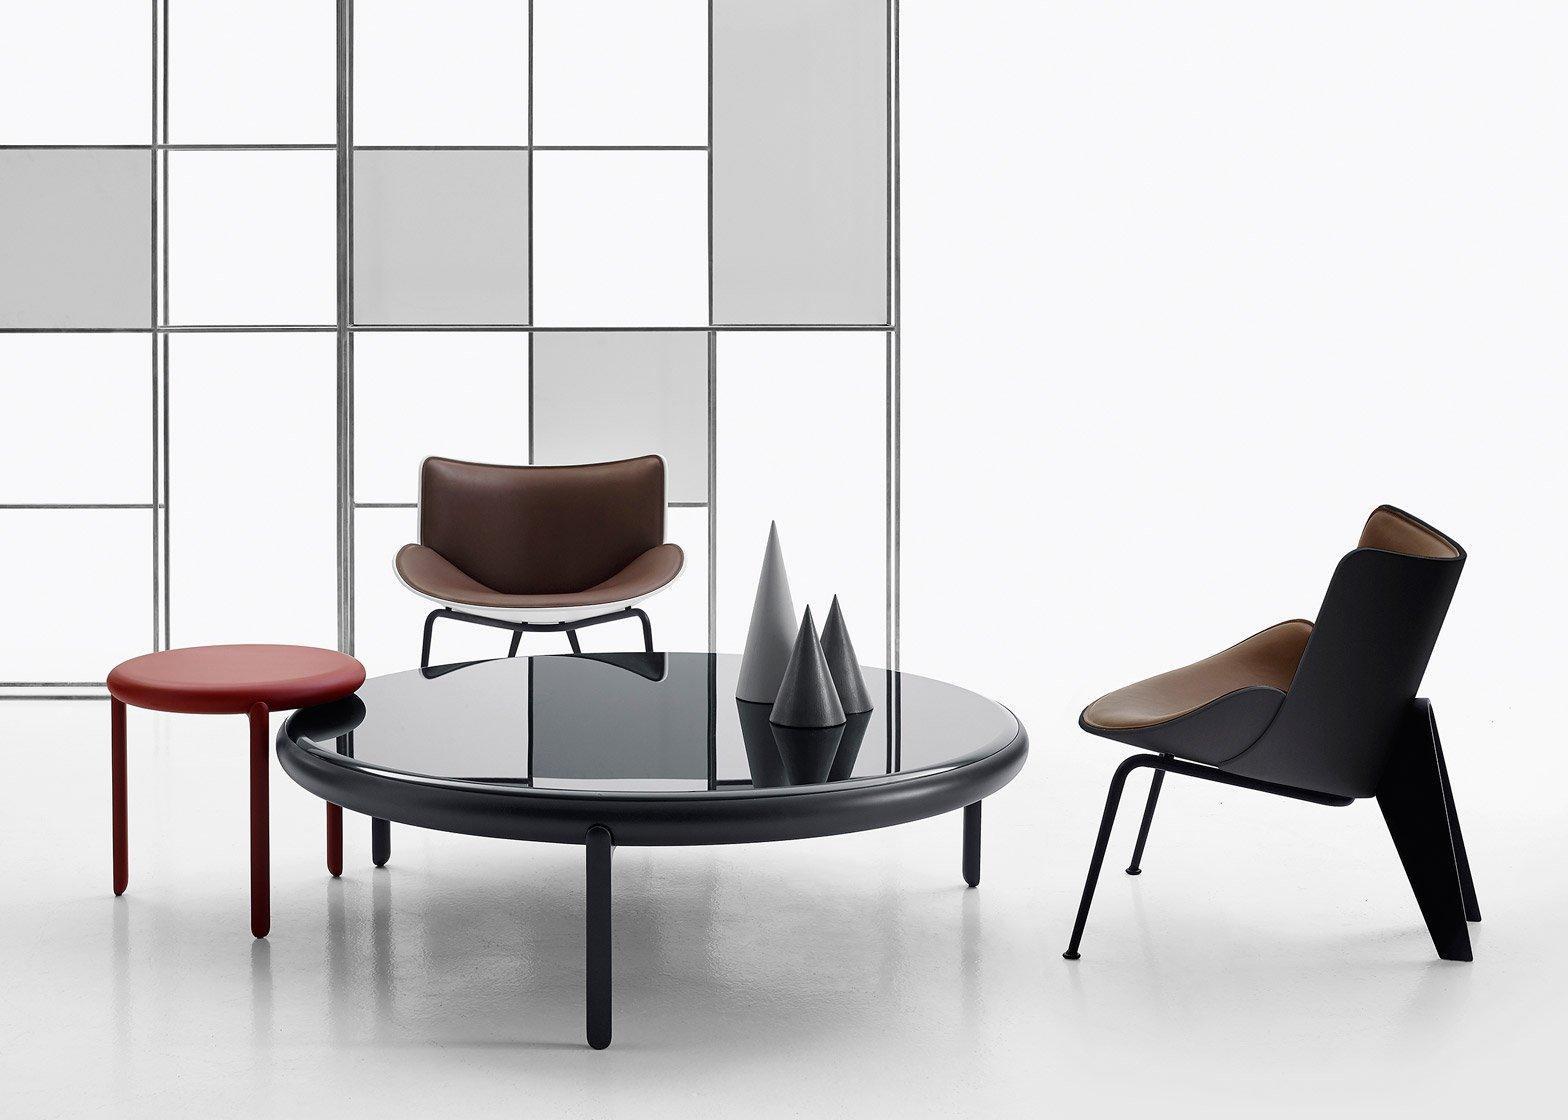 Top productos diseñados por arquitectos en Milan Design Week 2016